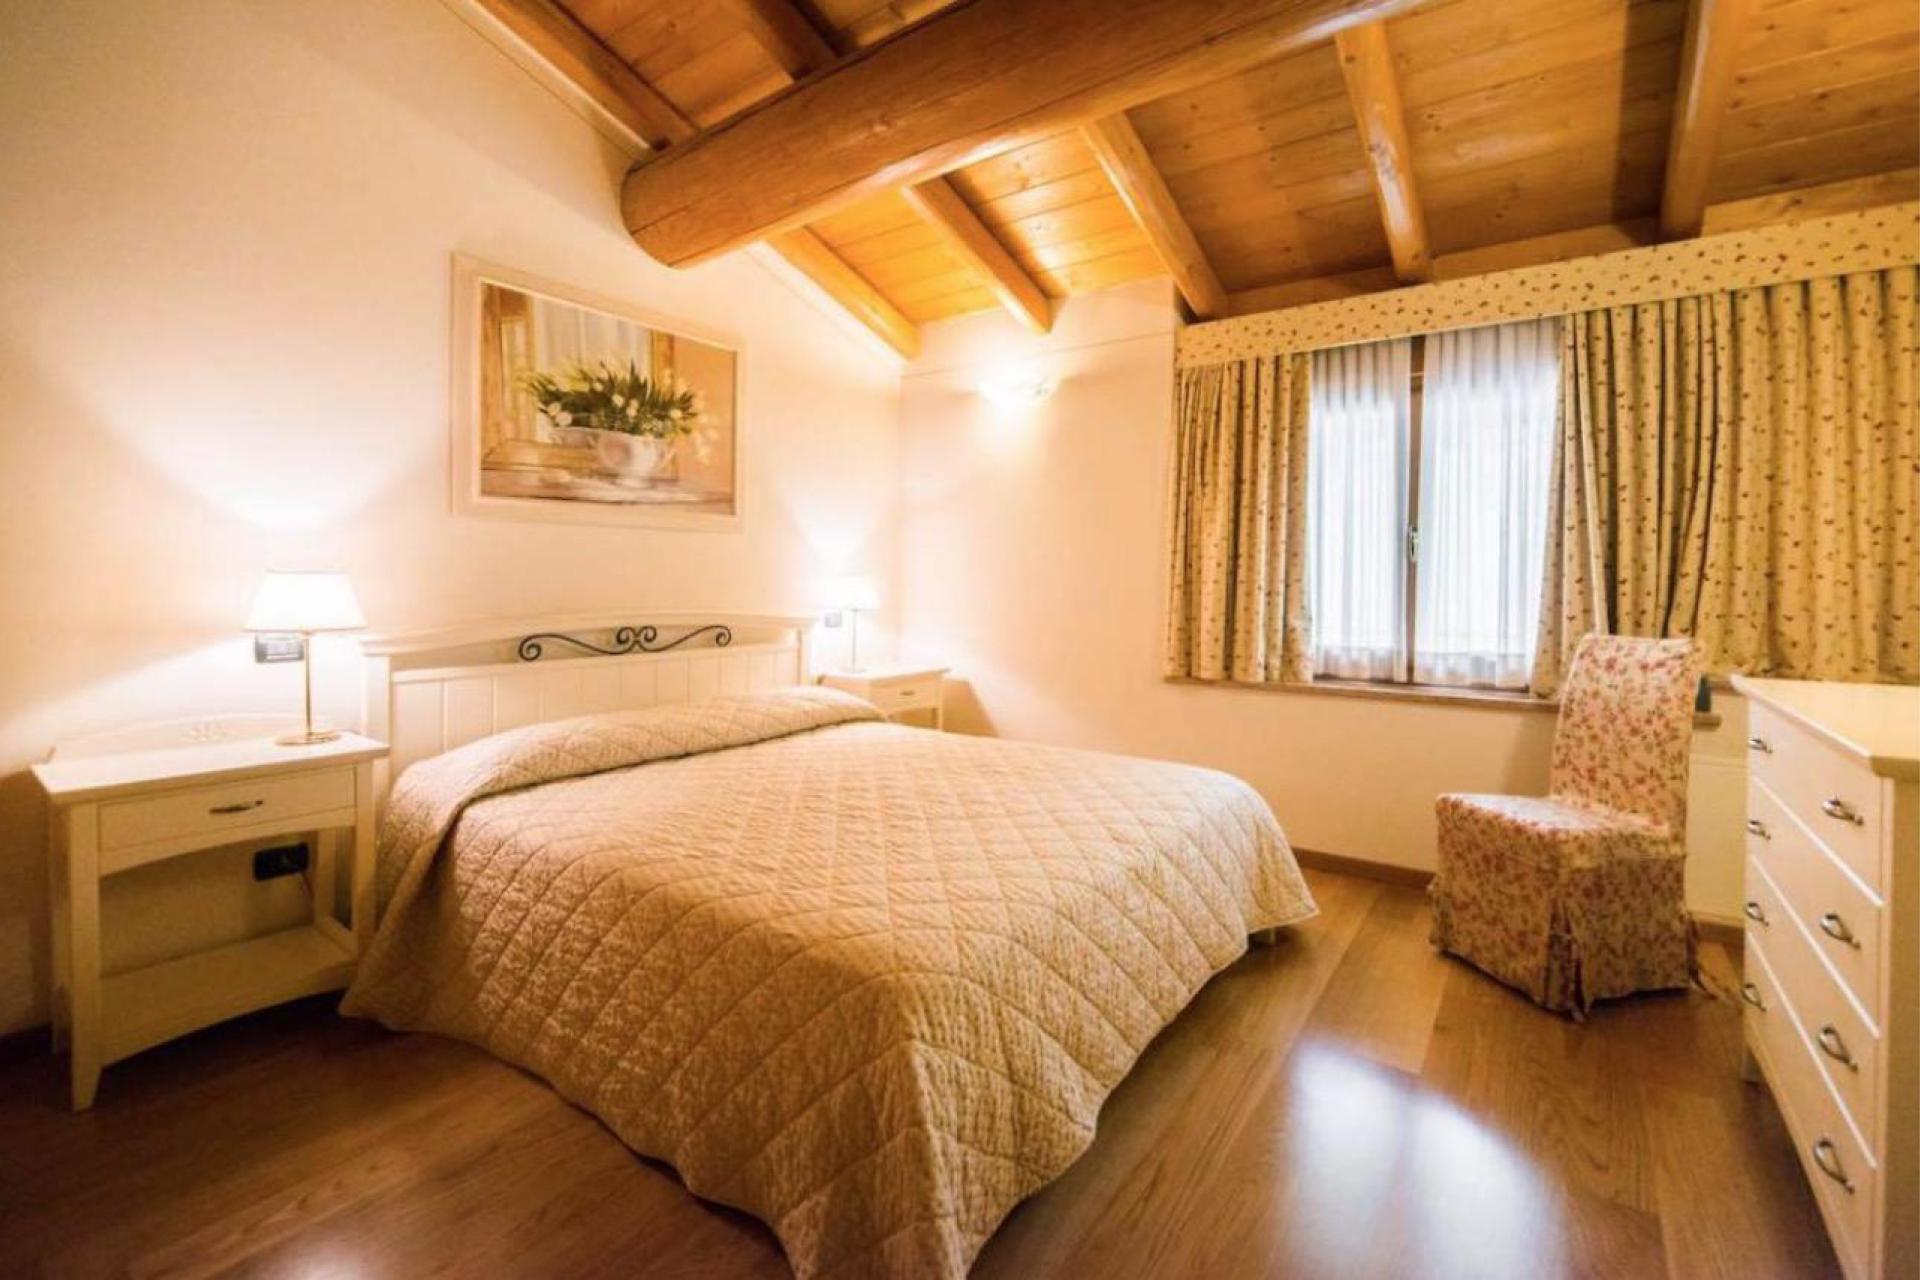 Agriturismo Comomeer en Gardameer Agriturismo Gardameer met sfeervolle appartementen